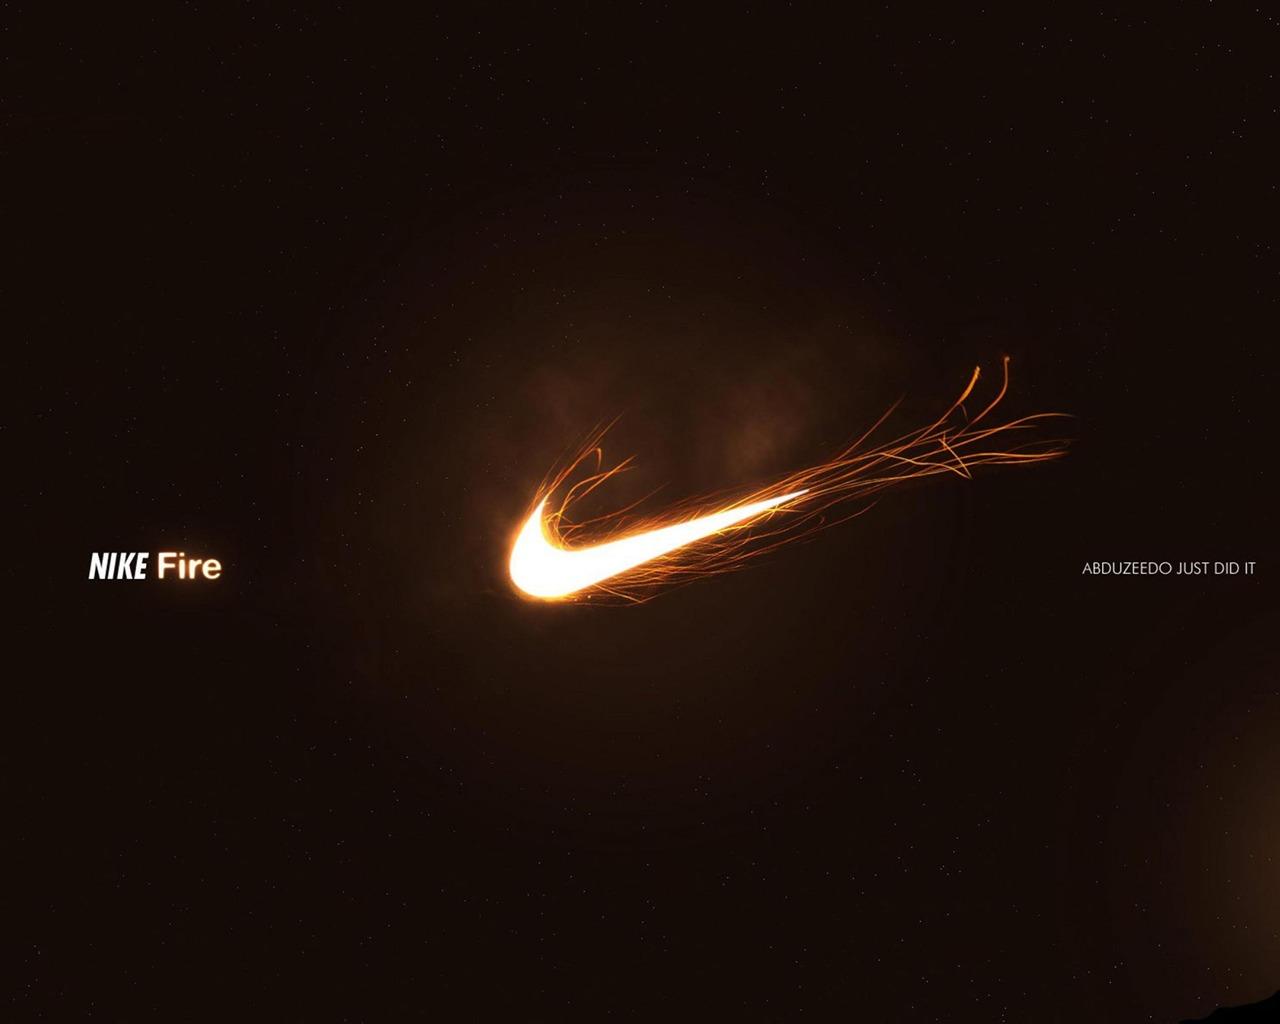 Nike耐克火焰-品牌广告壁纸预览